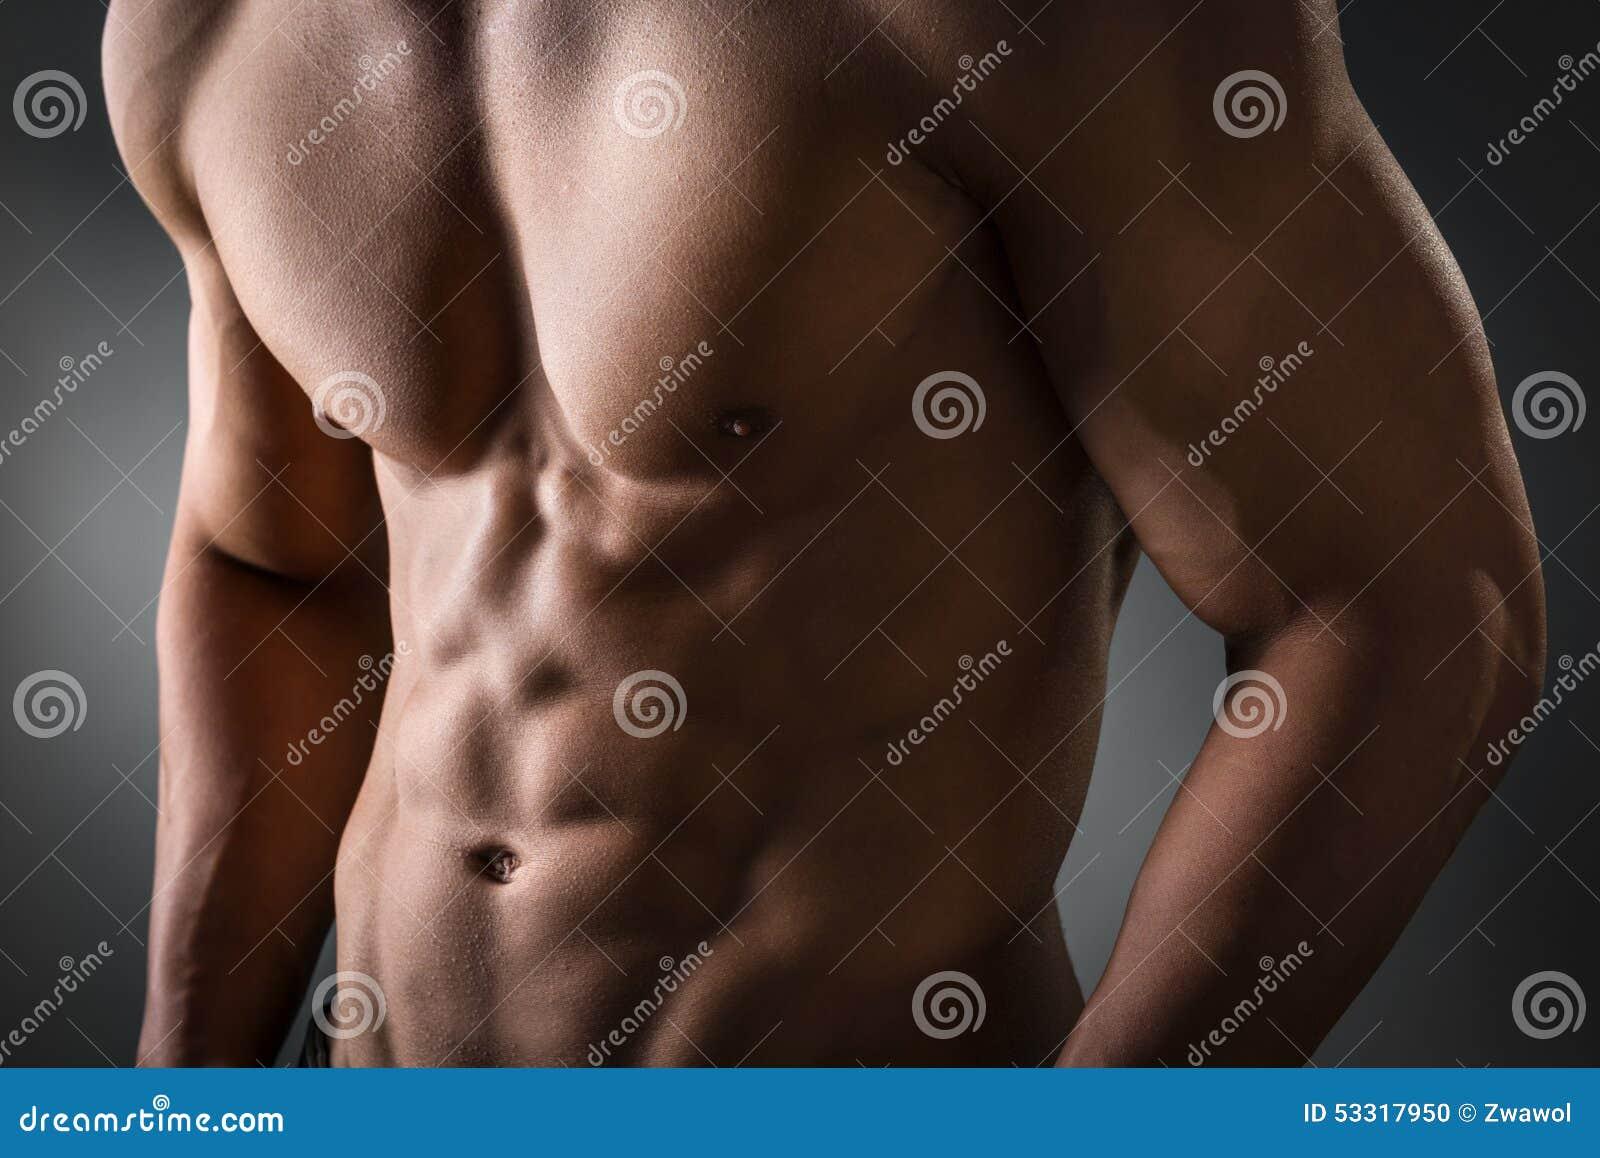 musculos pectorales y abdominales